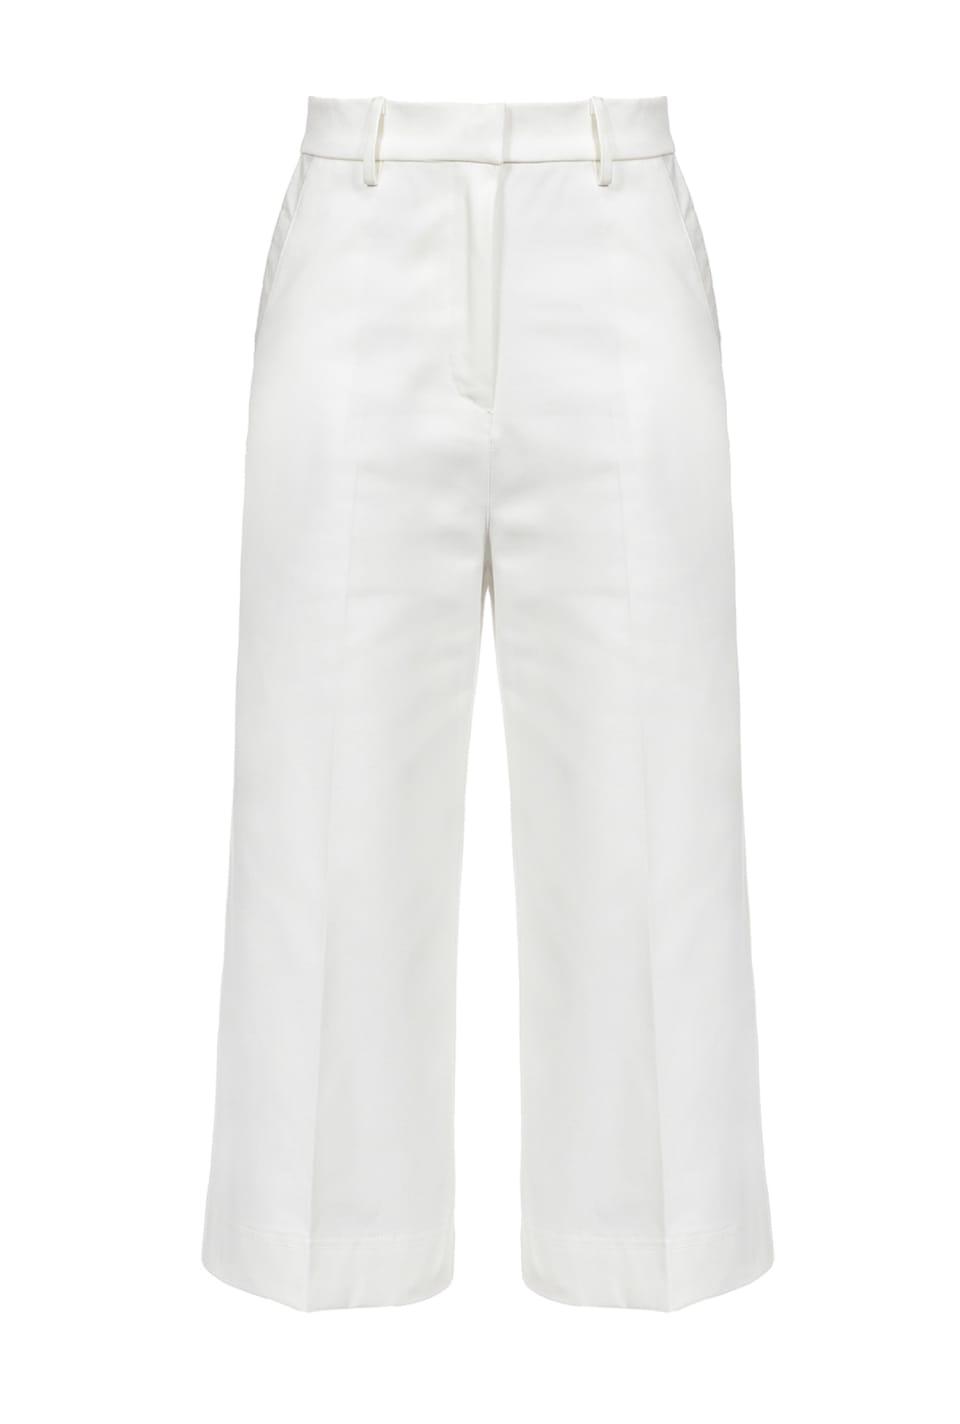 斜纹布裤裙式裤子